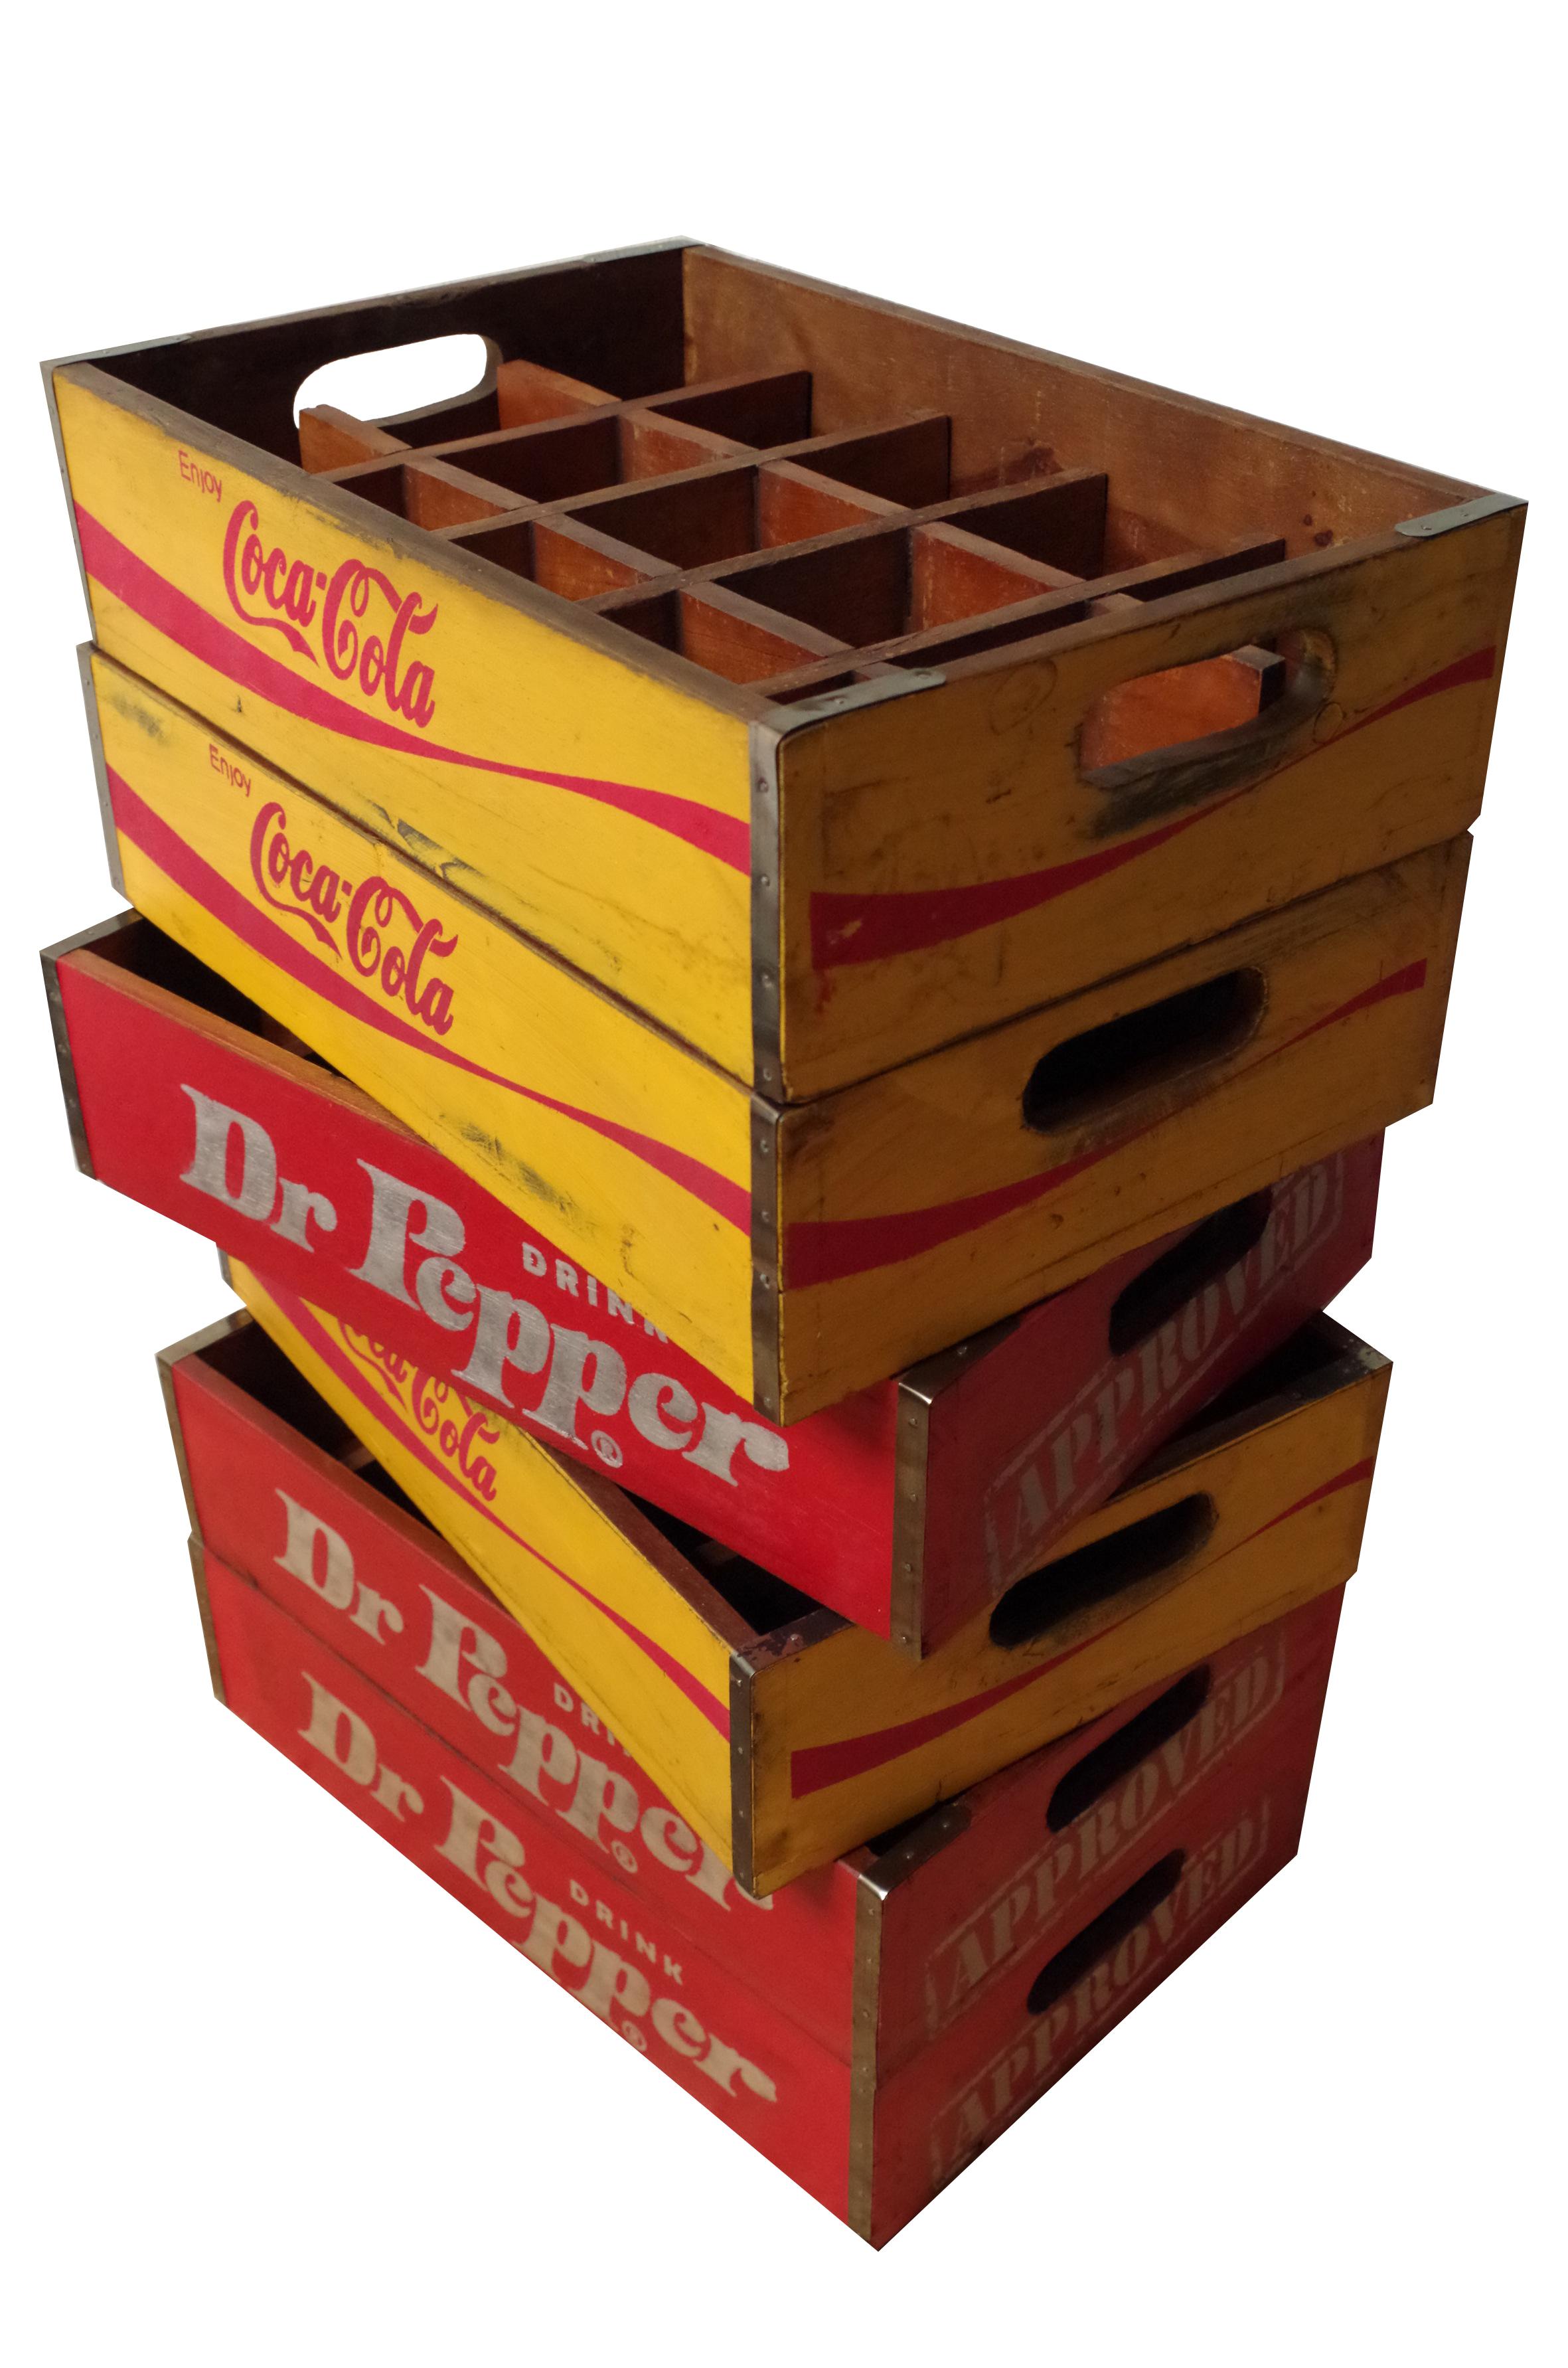 Cajas para guardar cosas recicla tus muebles - Cajas para guardar herramientas ...